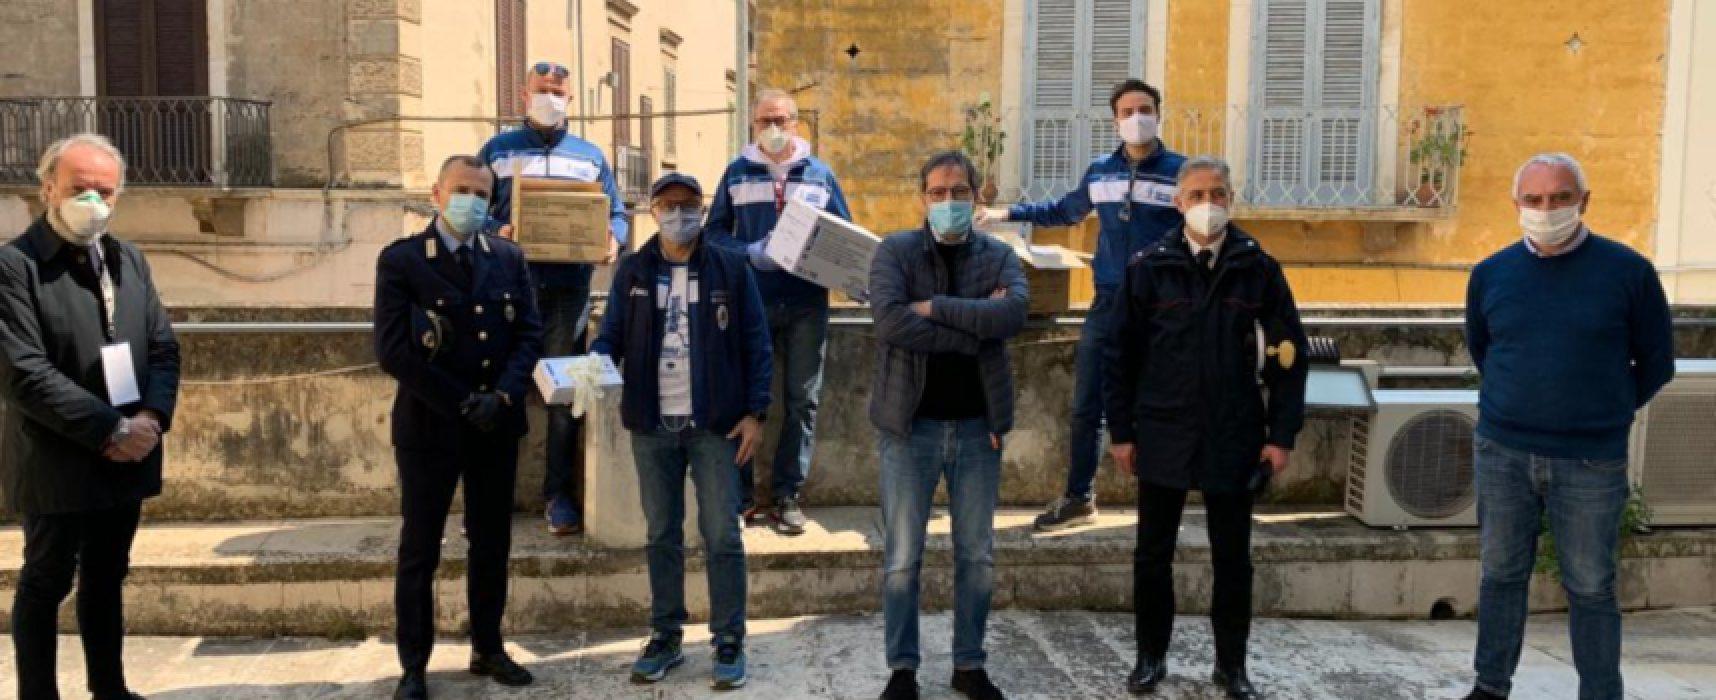 Bisceglie Running dona guanti a Protezione Civile, Ospedale, Polizia Locale, Metronotte e Carabinieri